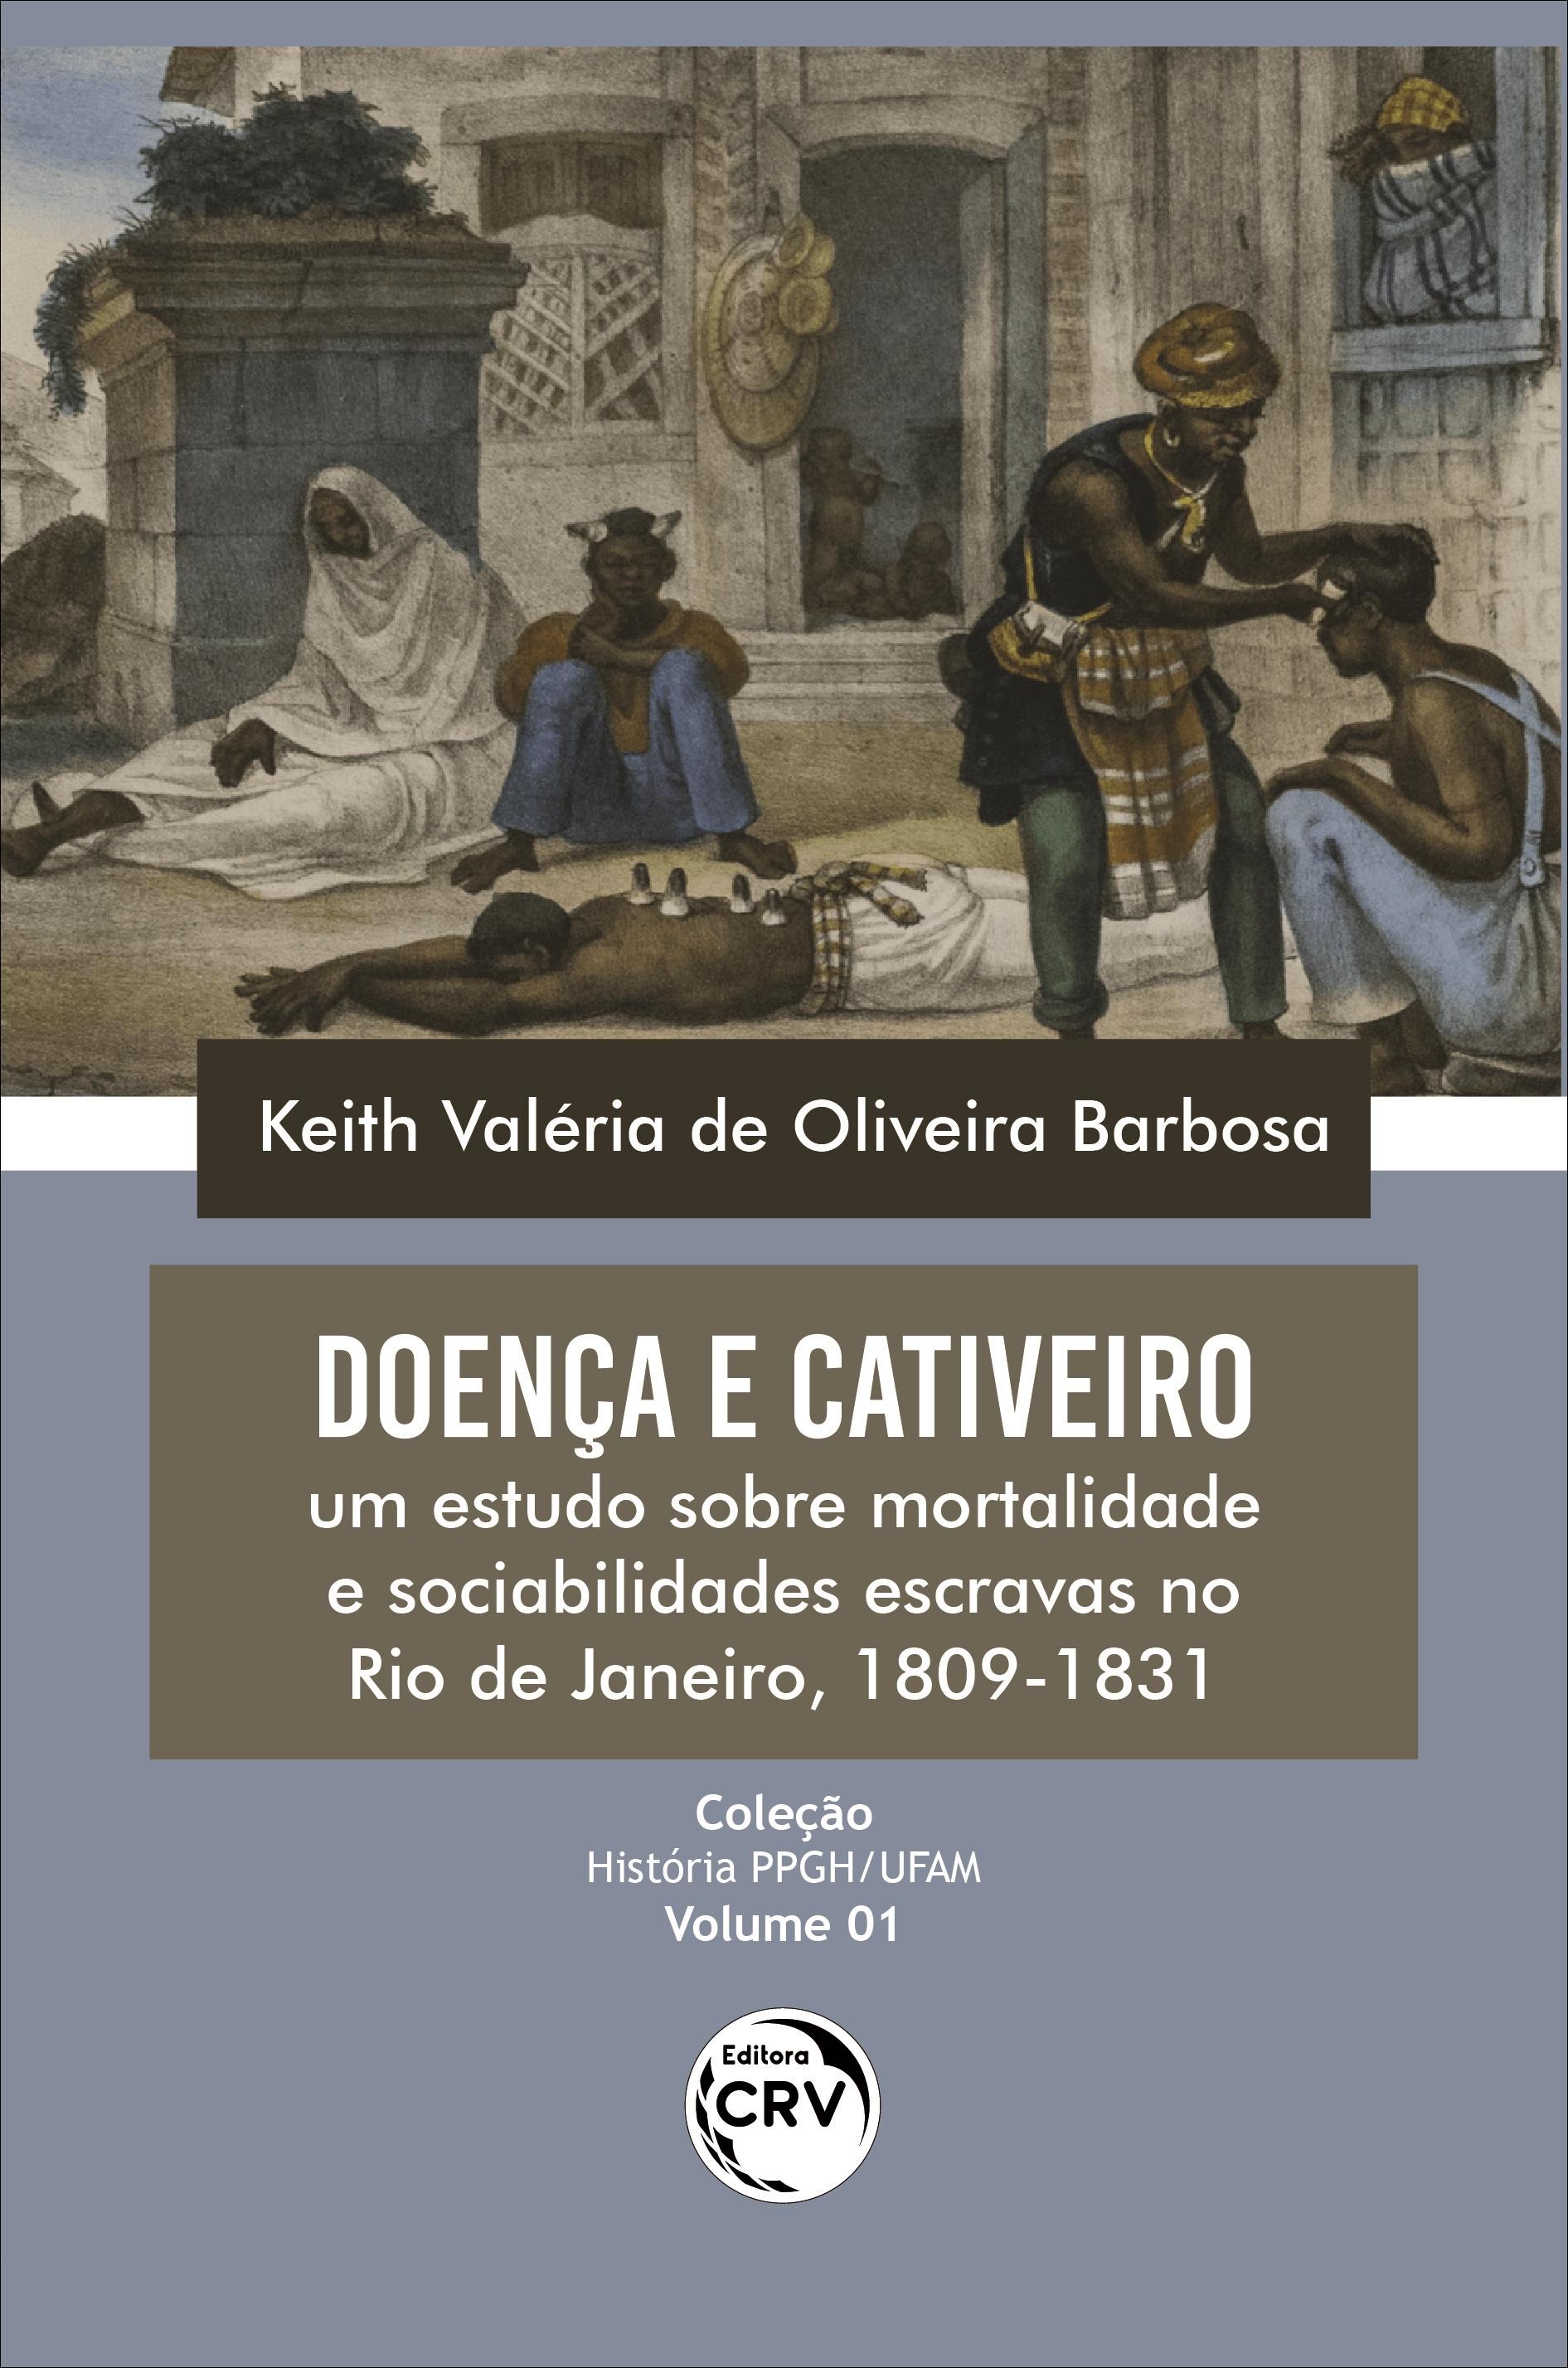 Capa do livro: DOENÇA E CATIVEIRO: <br>um estudo sobre mortalidade e sociabilidades escravas no Rio de Janeiro, 1809-1831<br> Coleção: História PPGH/UFAM - Volume: 01